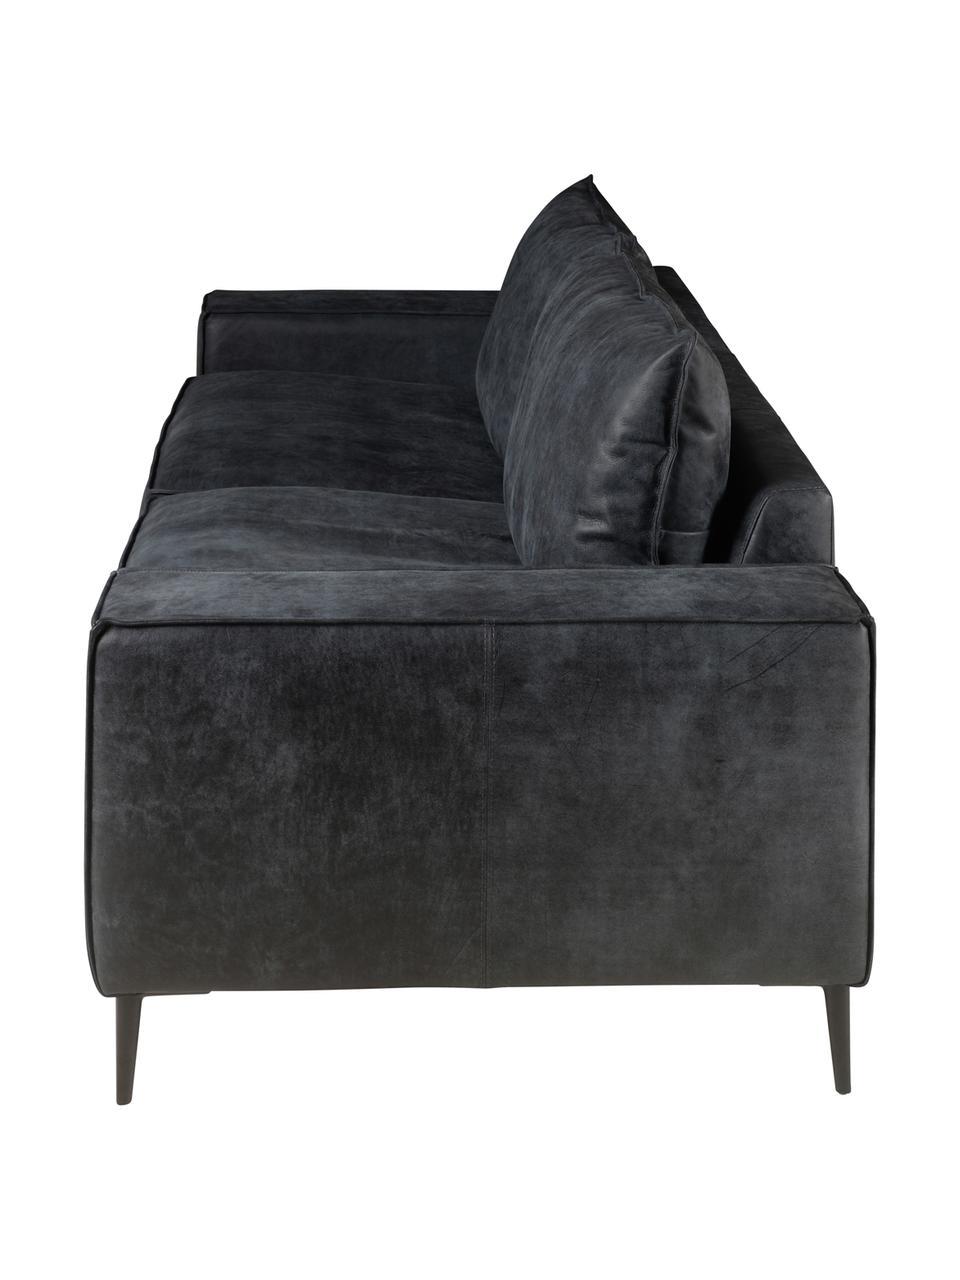 Divano 3 posti in pelle nera-grigia Brett, Rivestimento: pelle bovina liscio, Struttura: alluminio, verniciato, Nero, grigio, Larg. 215 x Prof. 90 cm